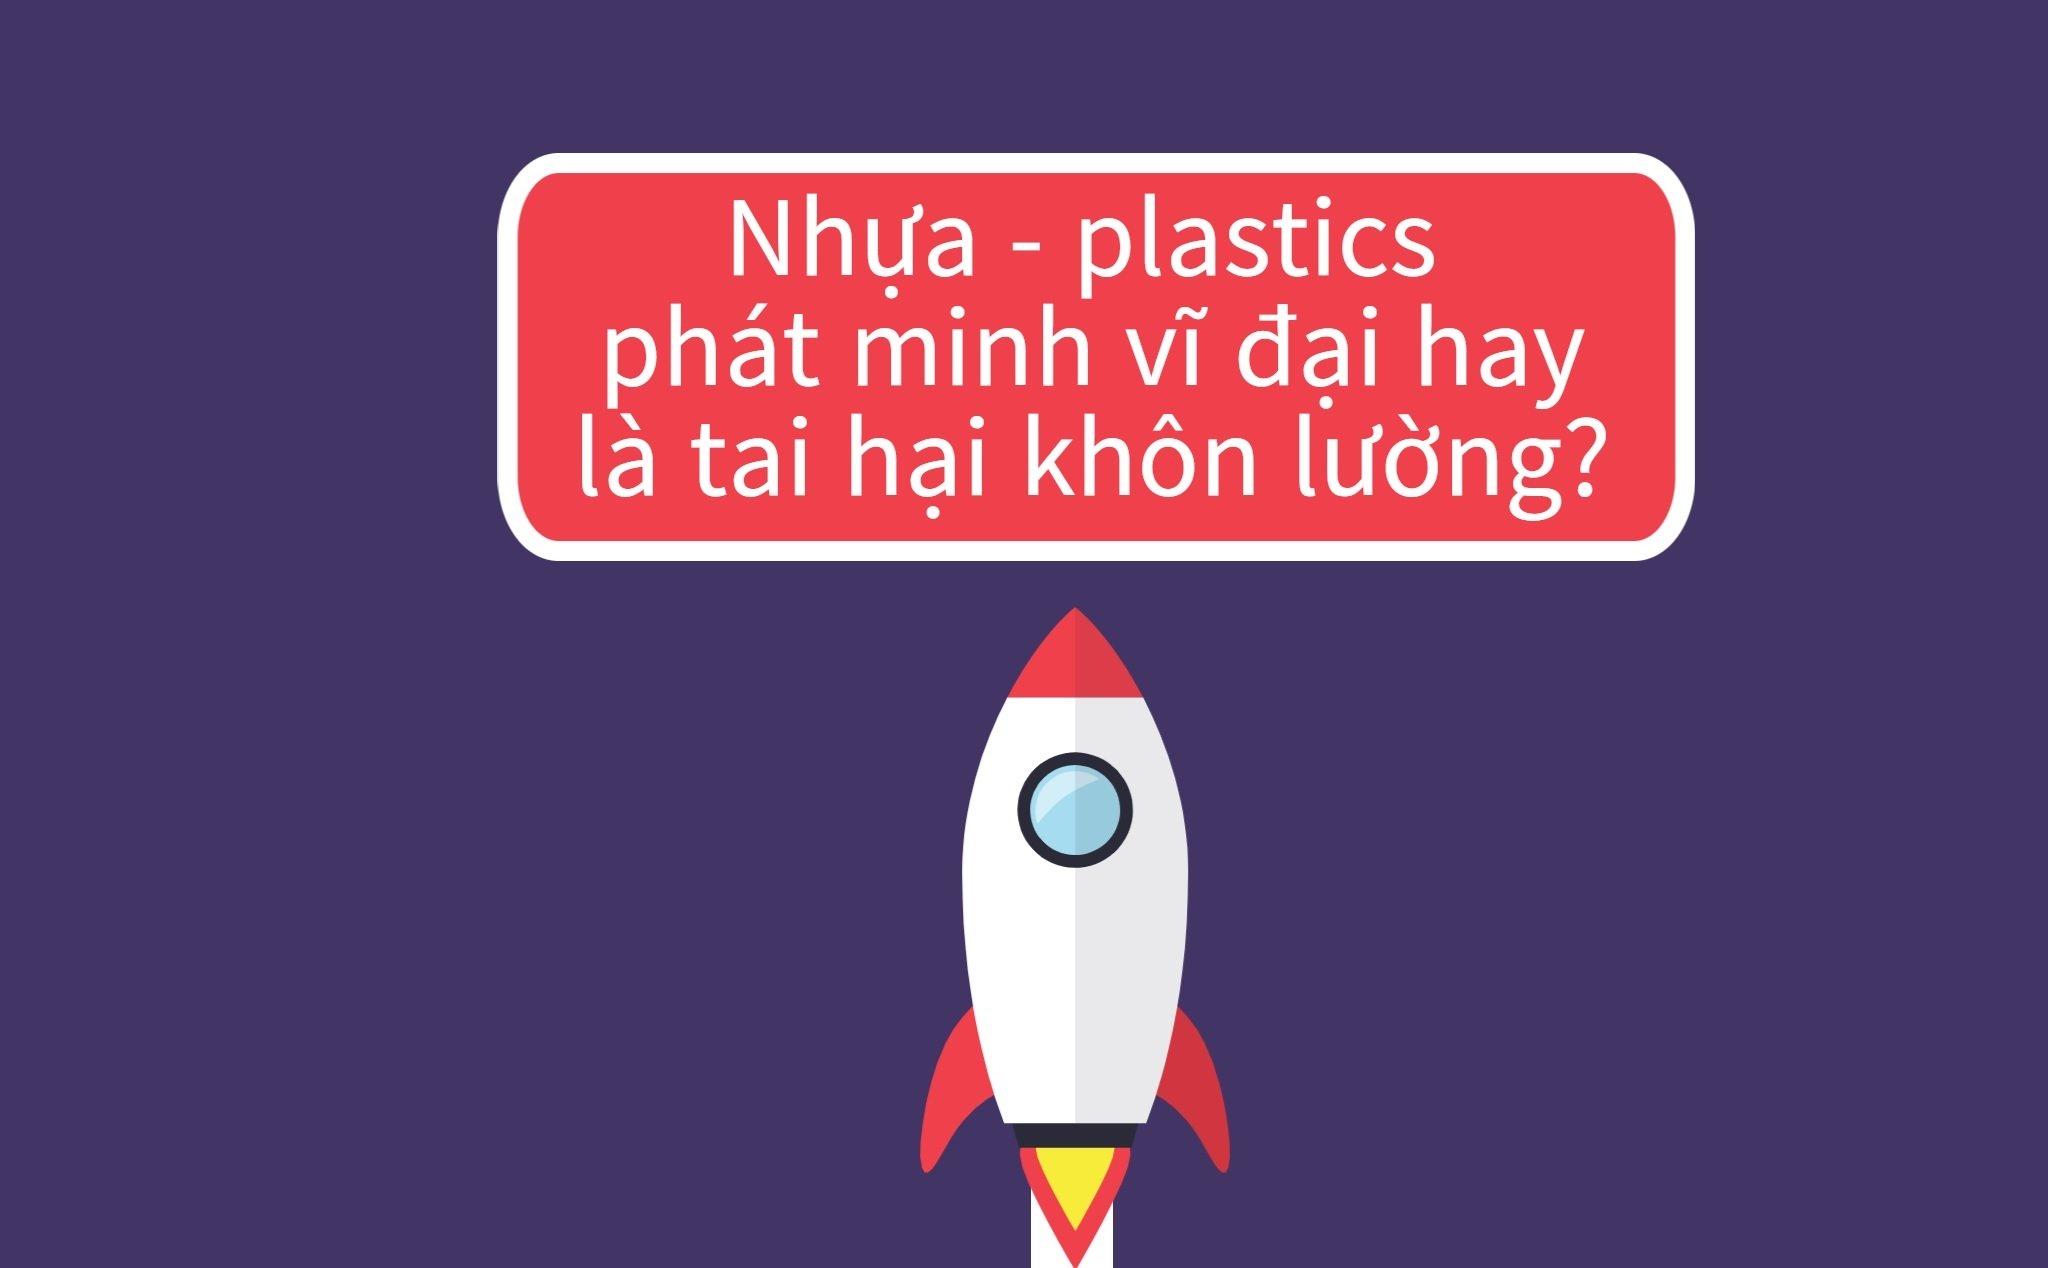 17 Thông tin cần biết về Nhựa Plastic với môi trường